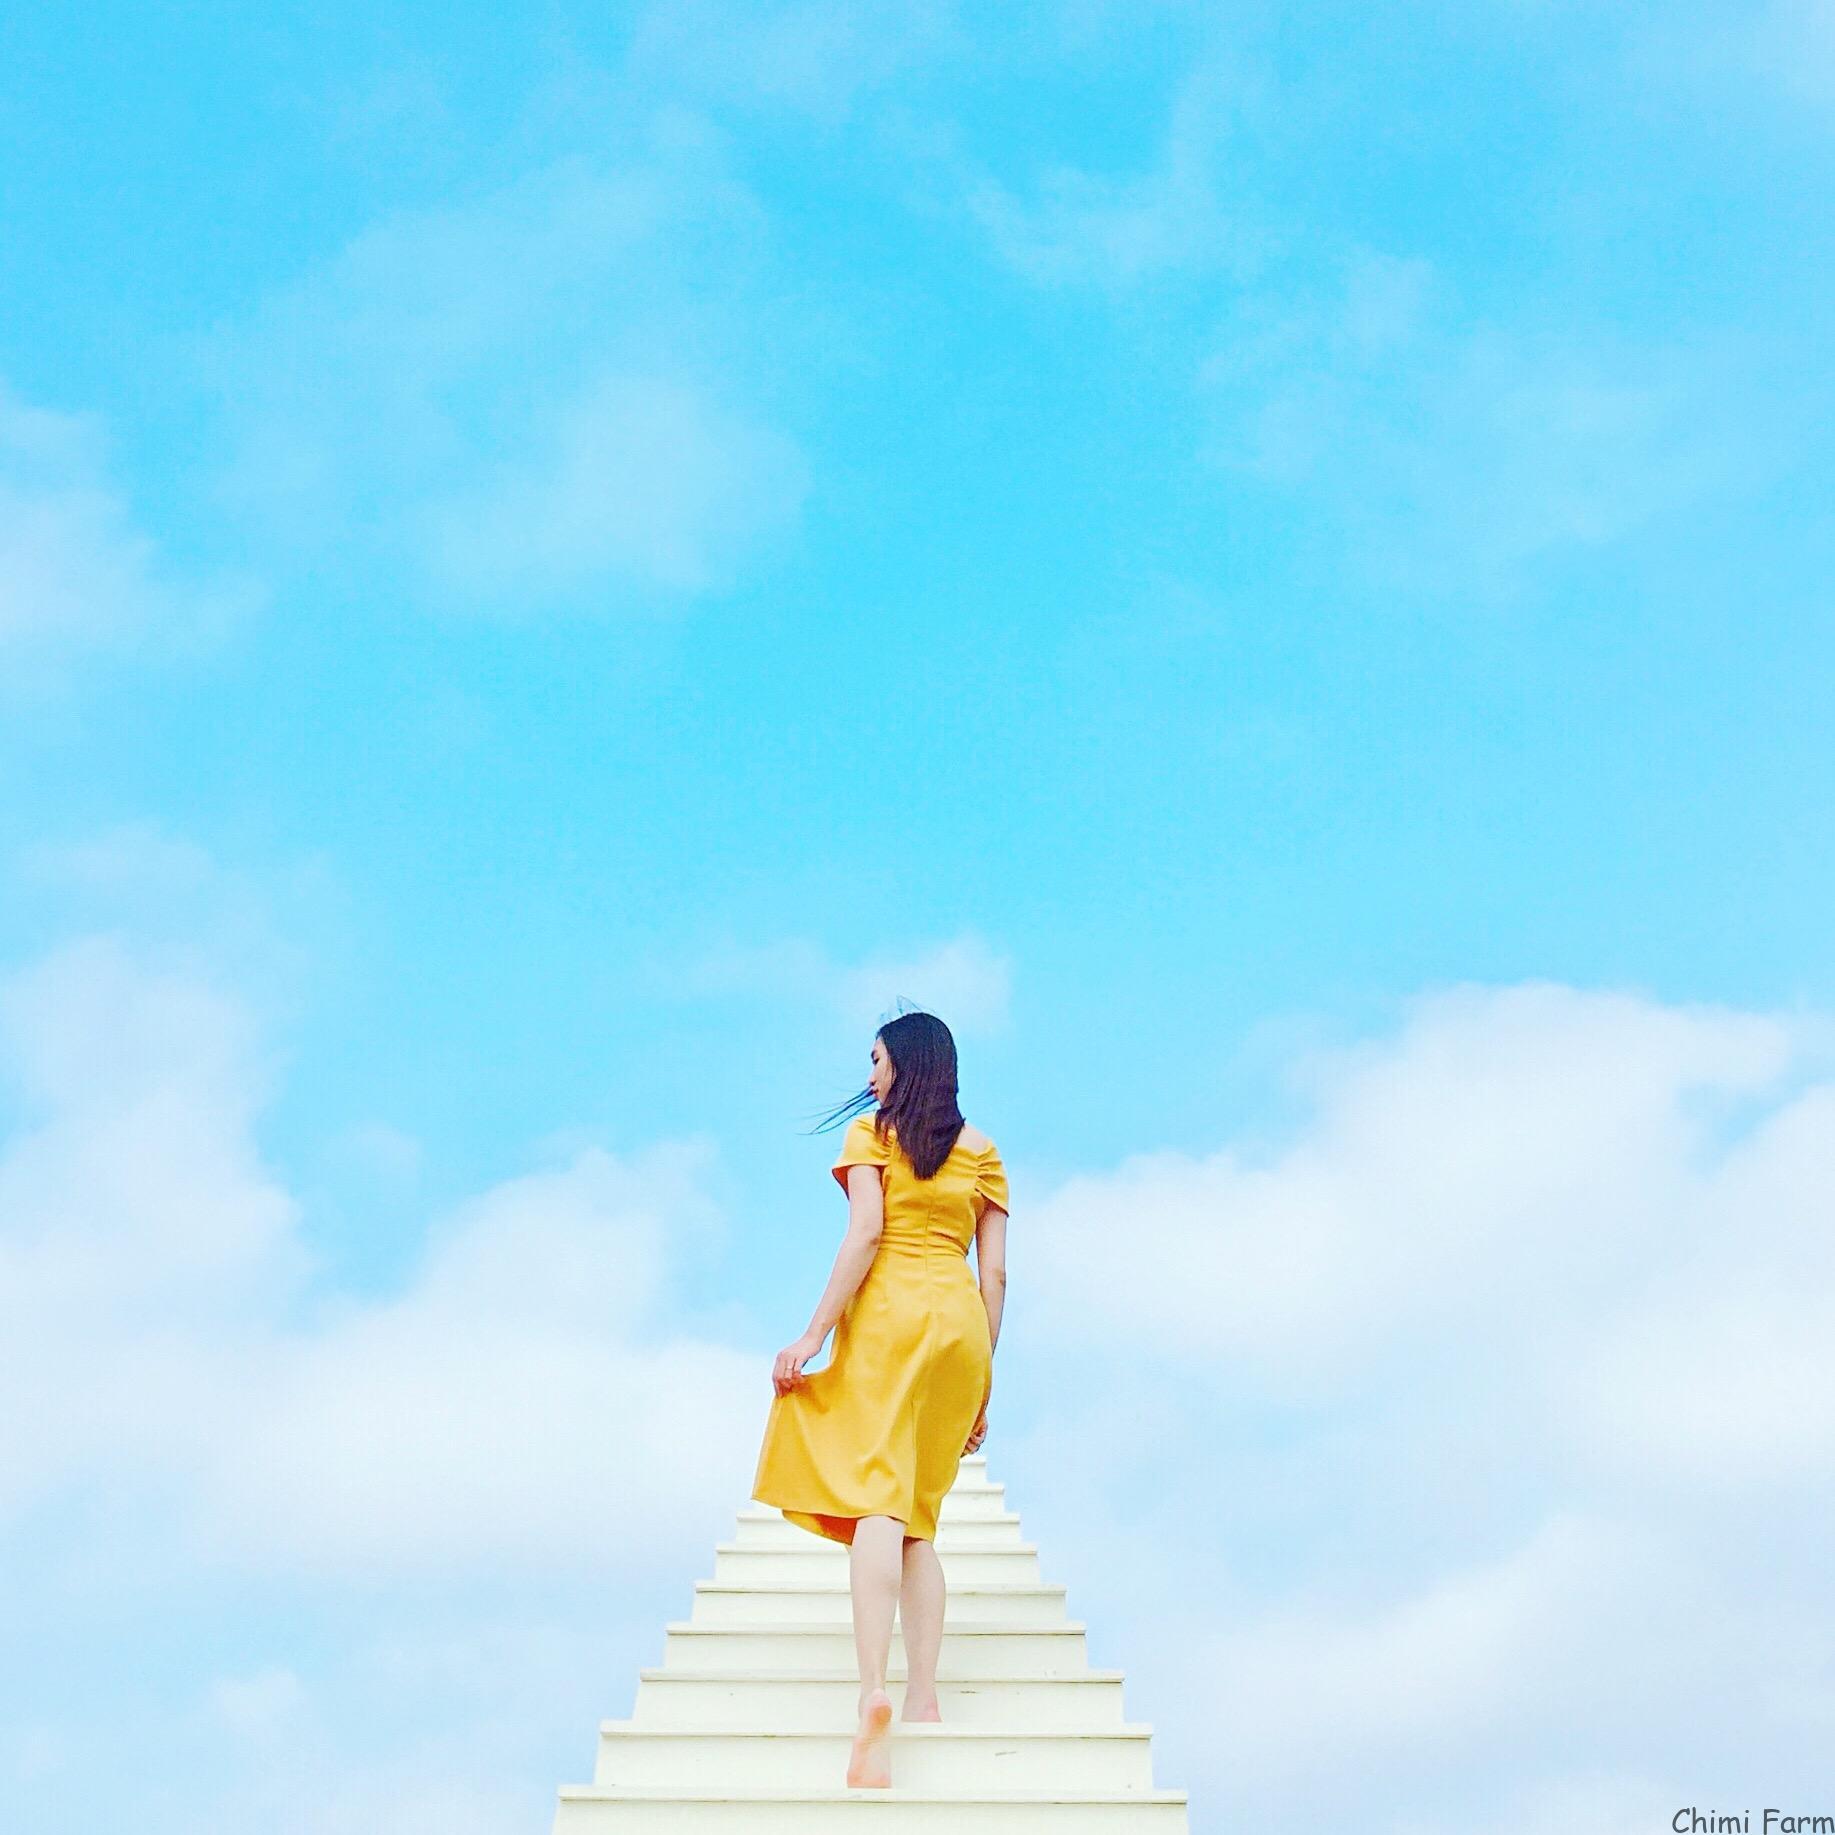 Nấc thang chỉ cần đứng vào bước đi tự nhiên cũng cho bức ảnh đẹp